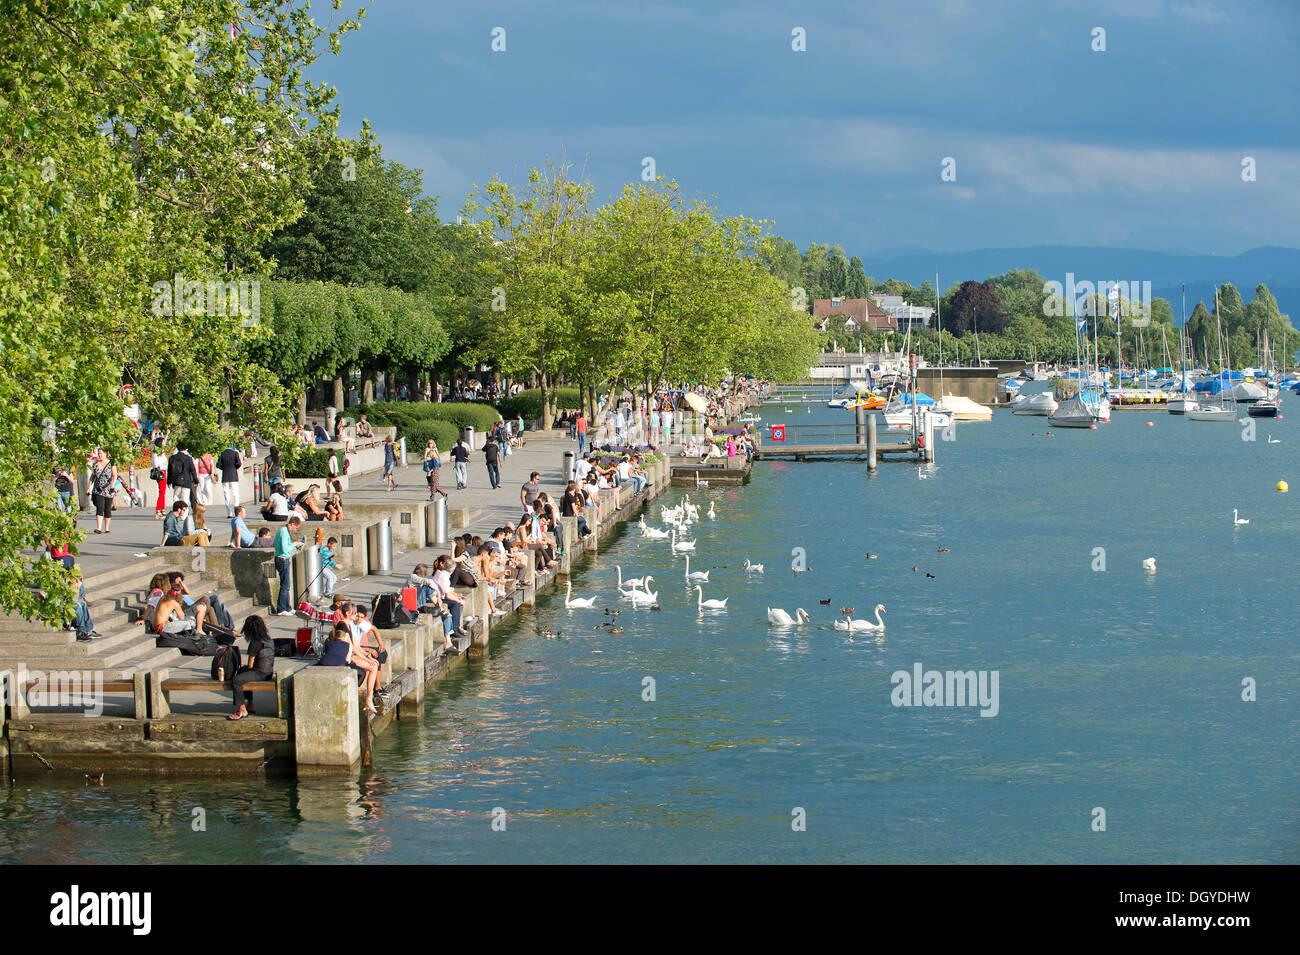 Il lago di Zurigo, Utoquai quay, Zurigo, Svizzera, Europa Immagini Stock